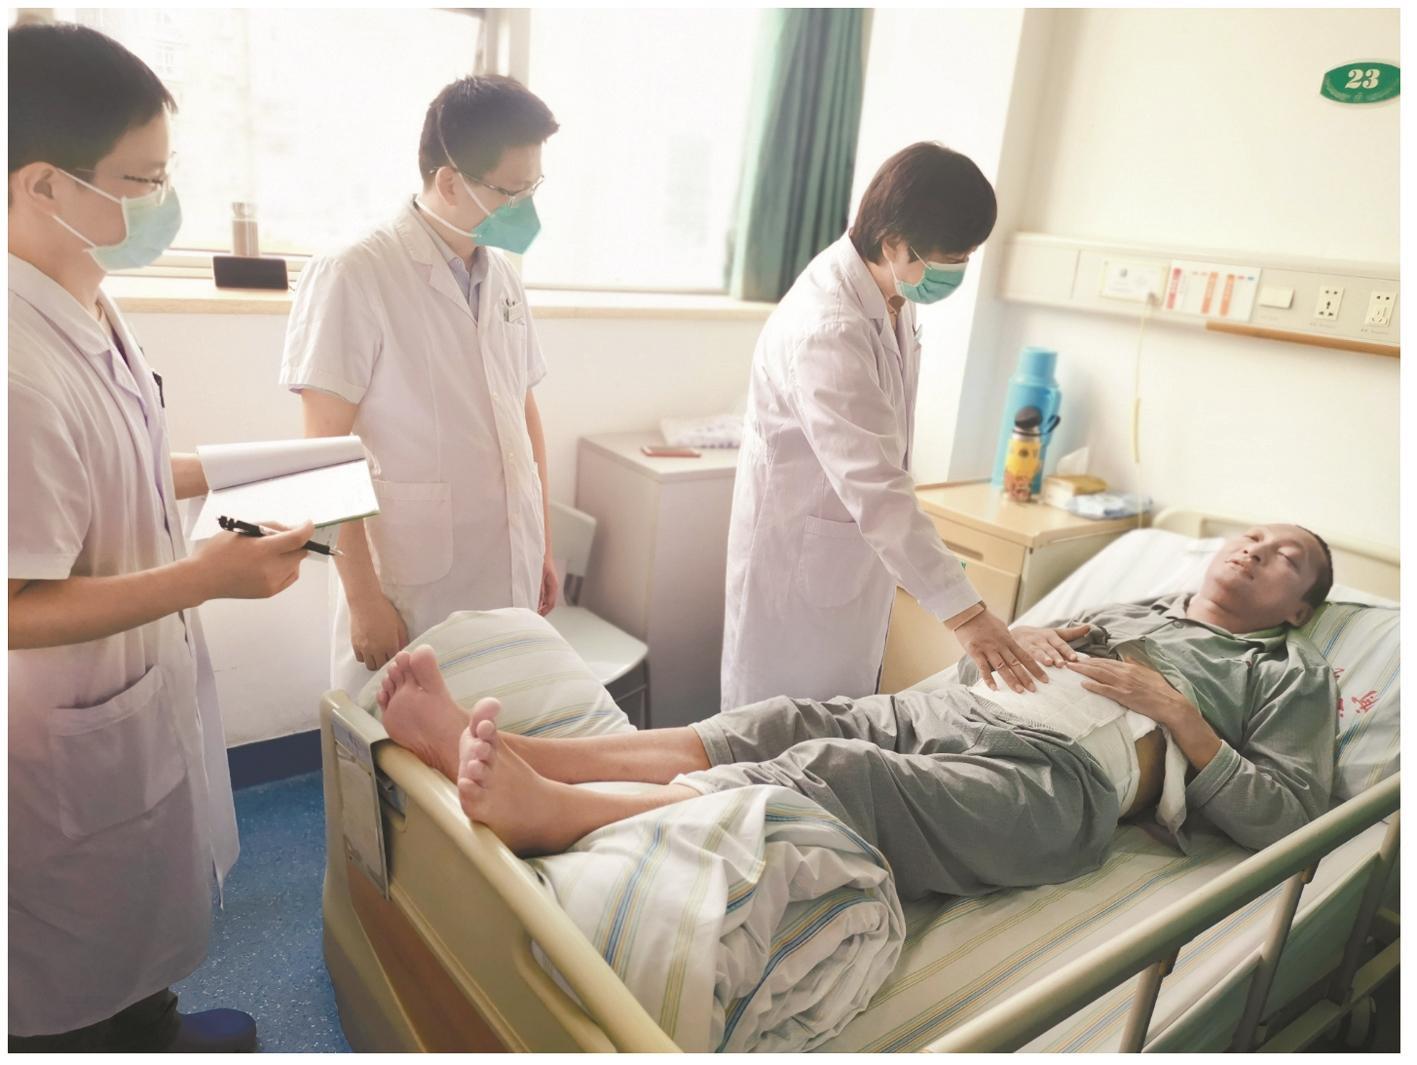 世界首例!重症新冠康复者在汉换肾重生